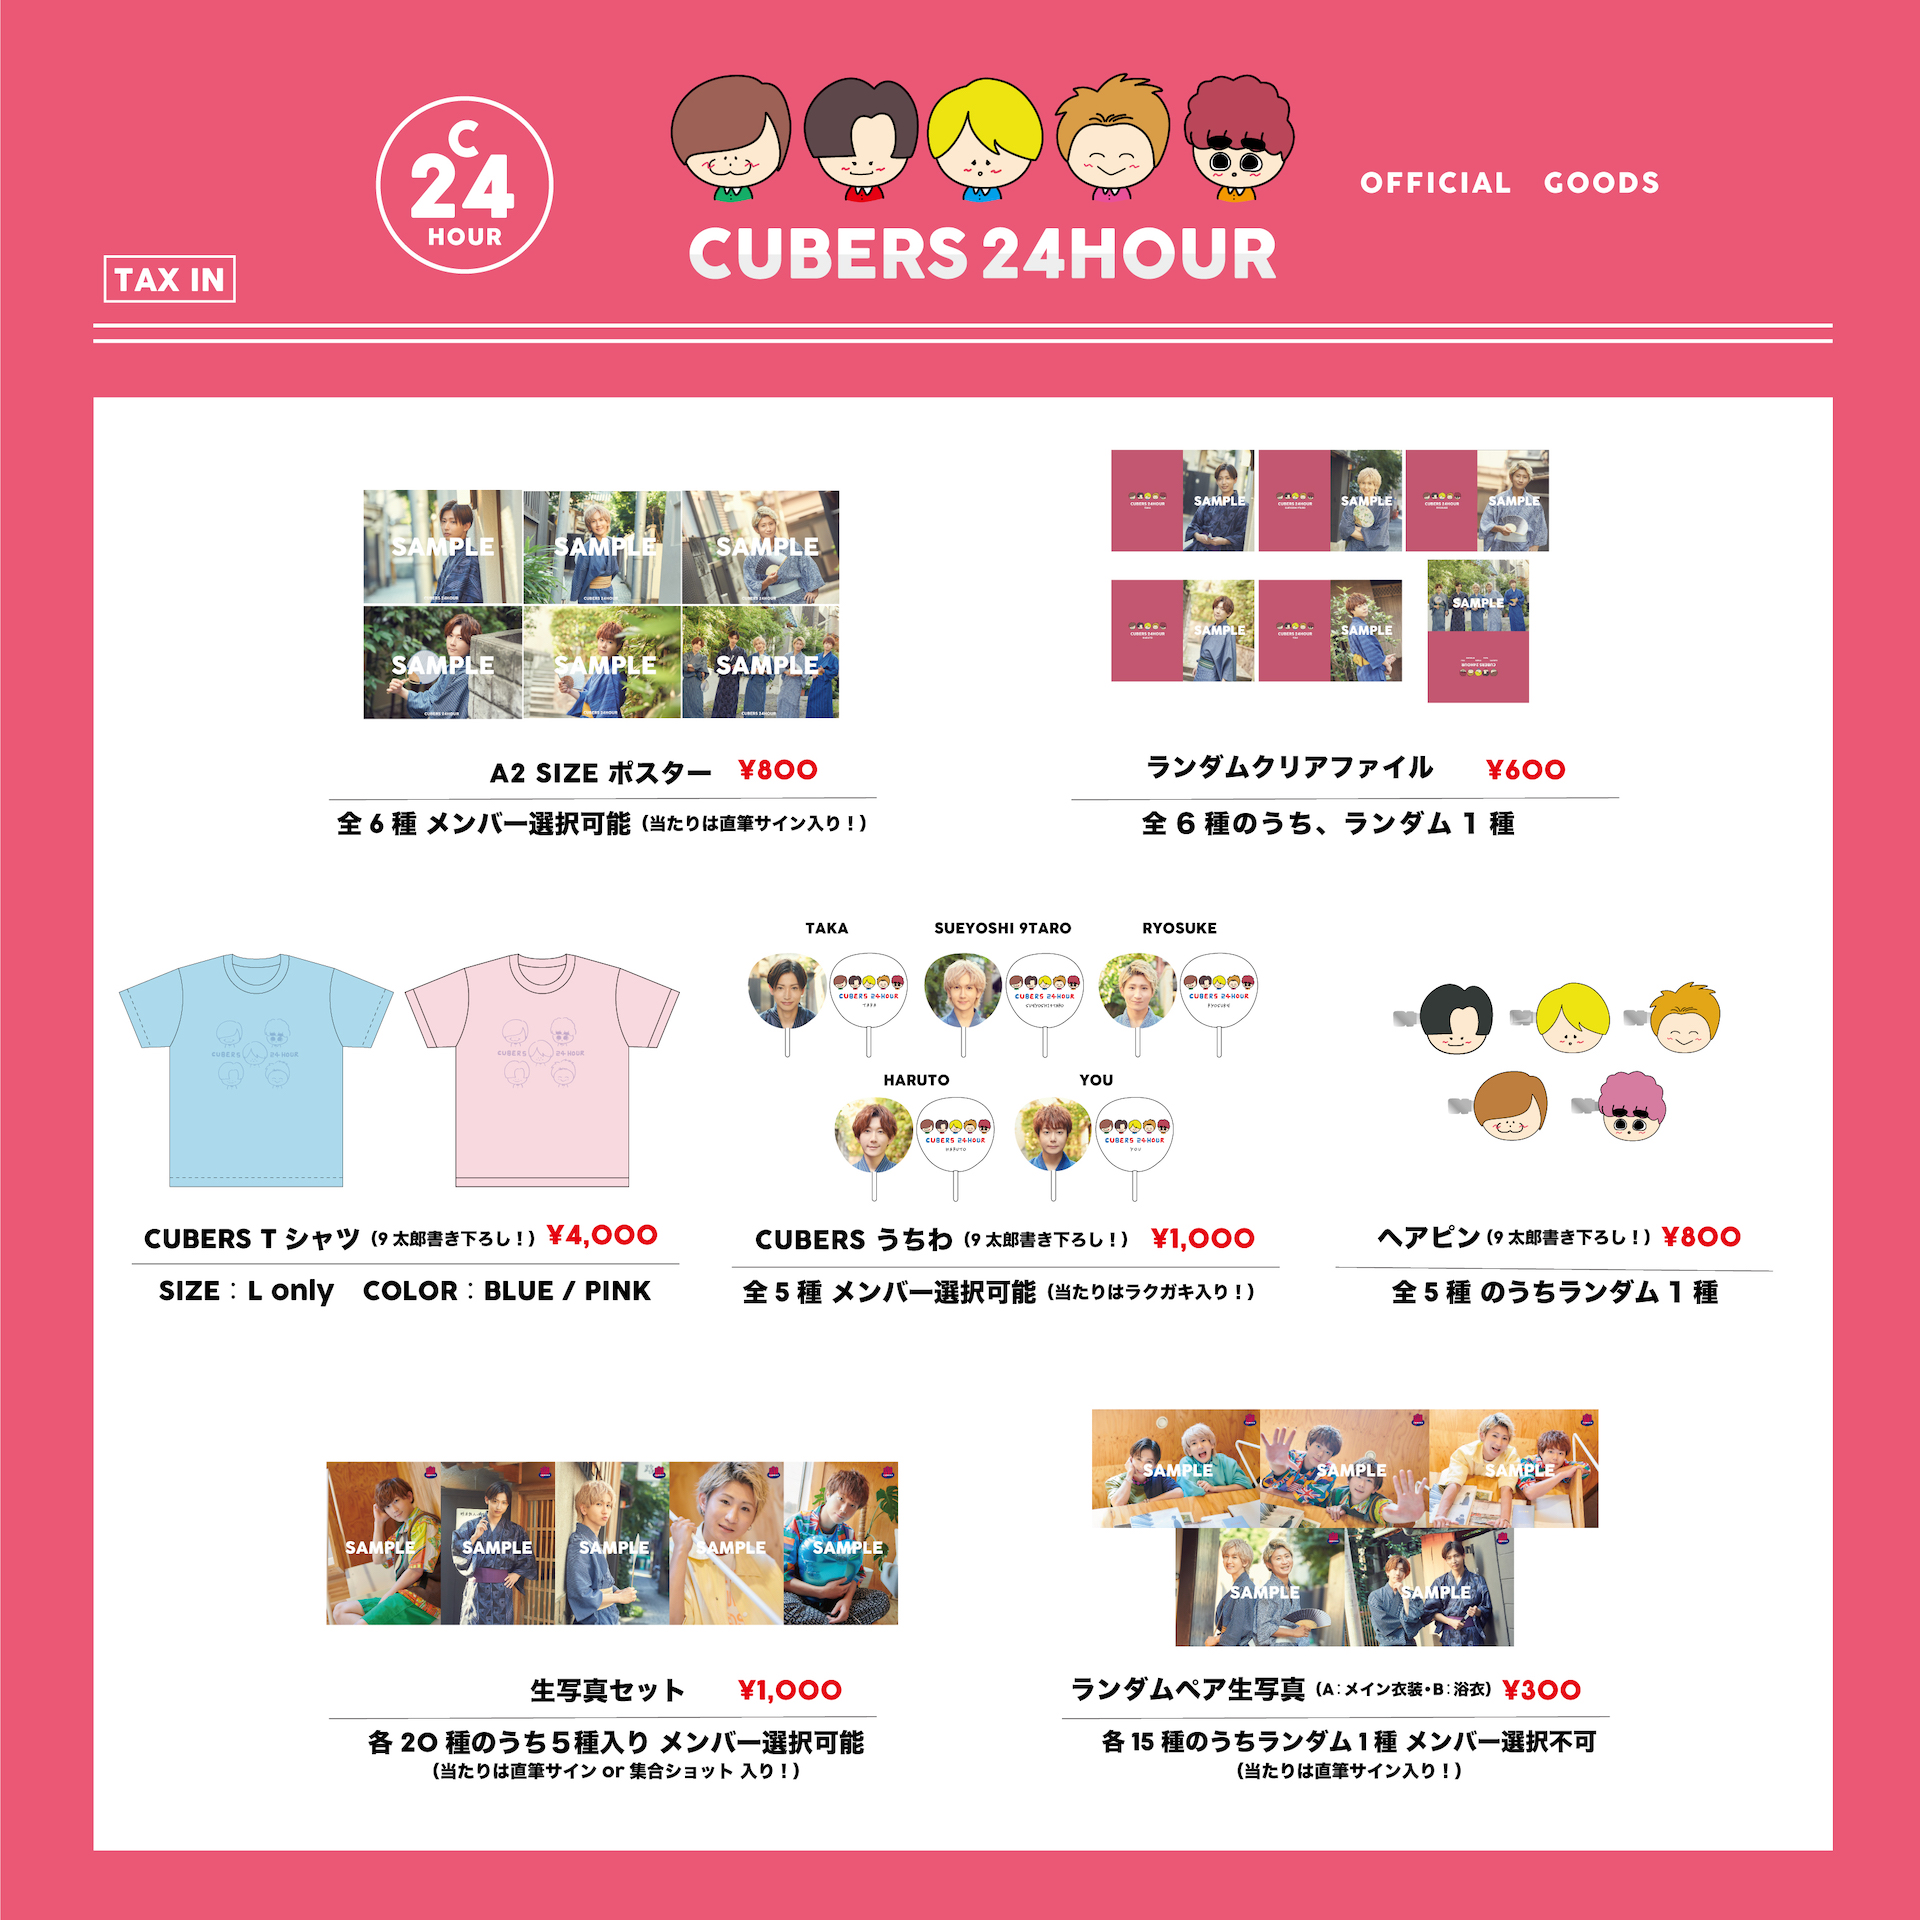 【NEWS】「CUBERS 24HOUR」オリジナルグッズ ラインナップ公開!